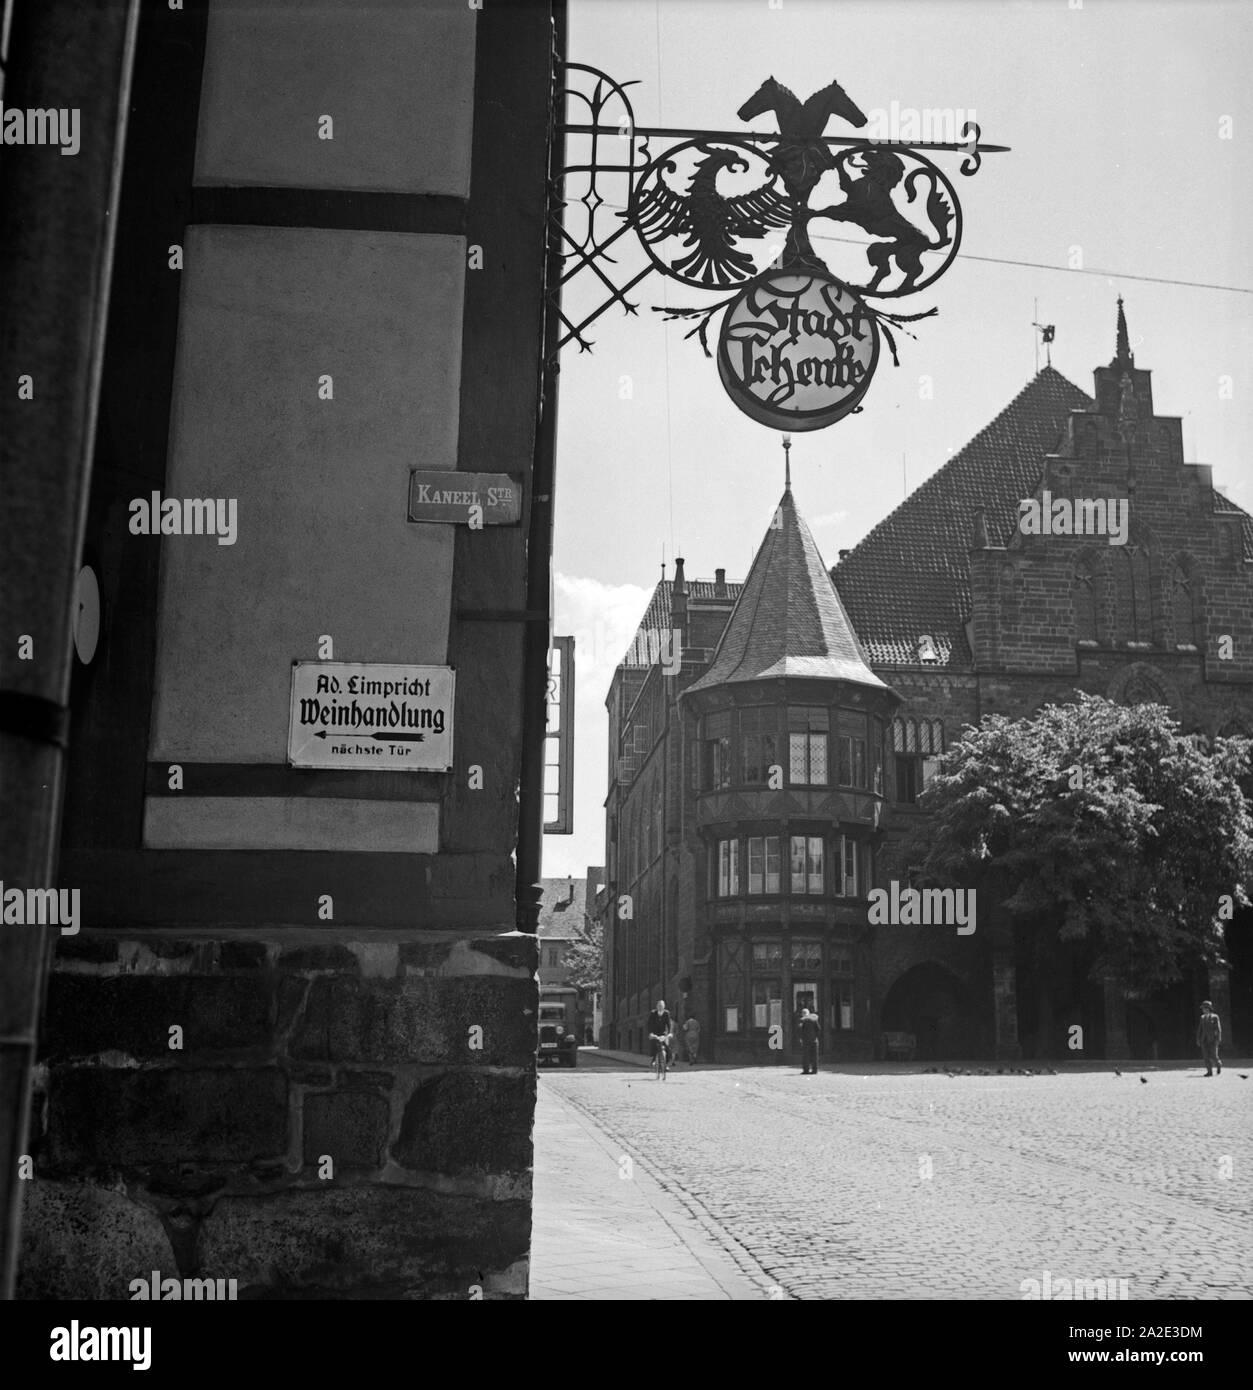 Eingang zur Weinhandlung Limpricht, die Stadtschenke und das Rathaus in der Altstadt von Hildesheim, Deutschland 1930er Jahre. Entrance to Limpricht's wine store, the Stadtschenke restaurant and the city hall of Hildesheim, Germany 1930s. Stock Photo